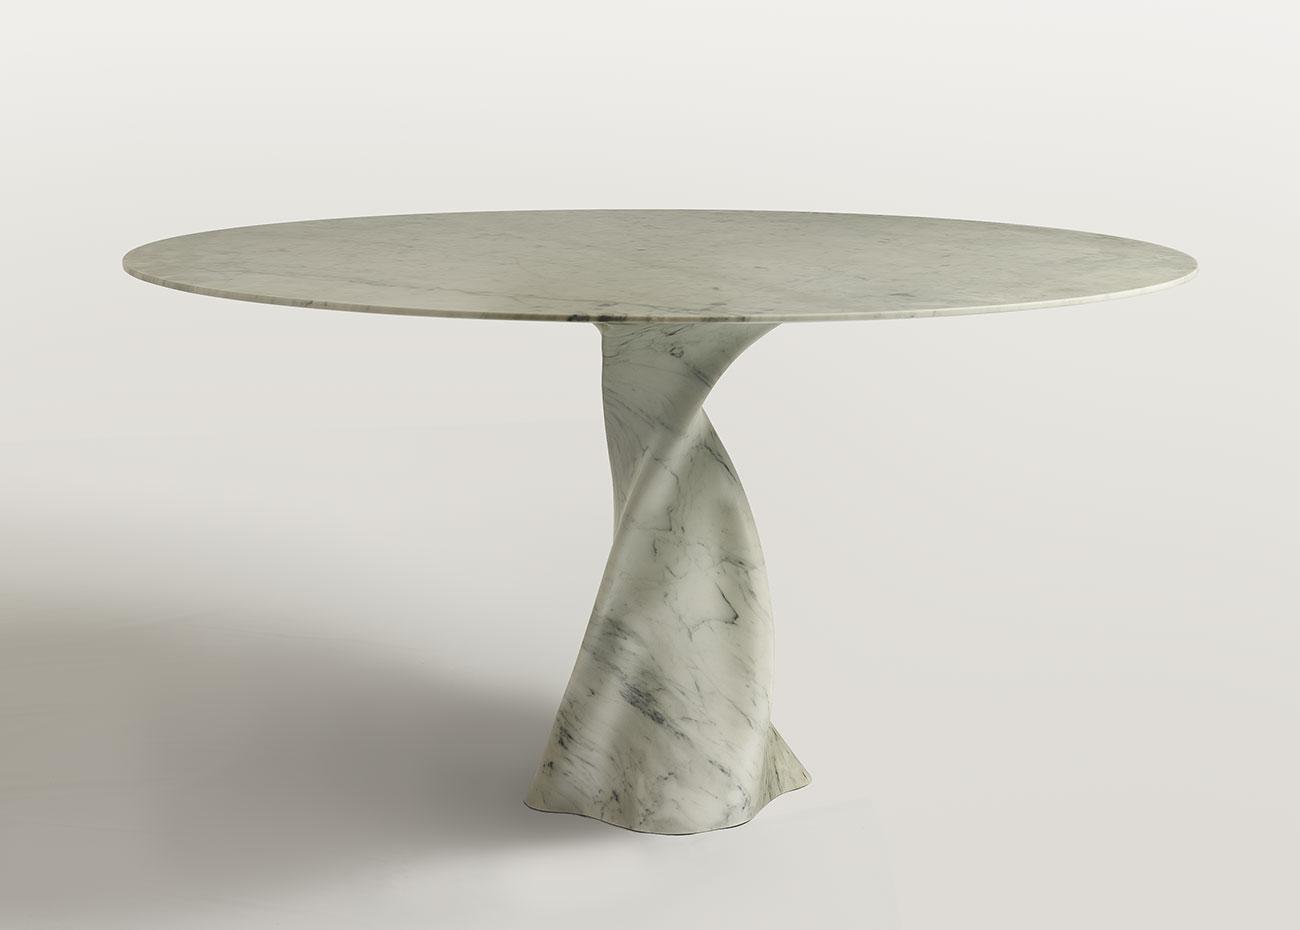 twist-tavolo-in-marmo-design-collection